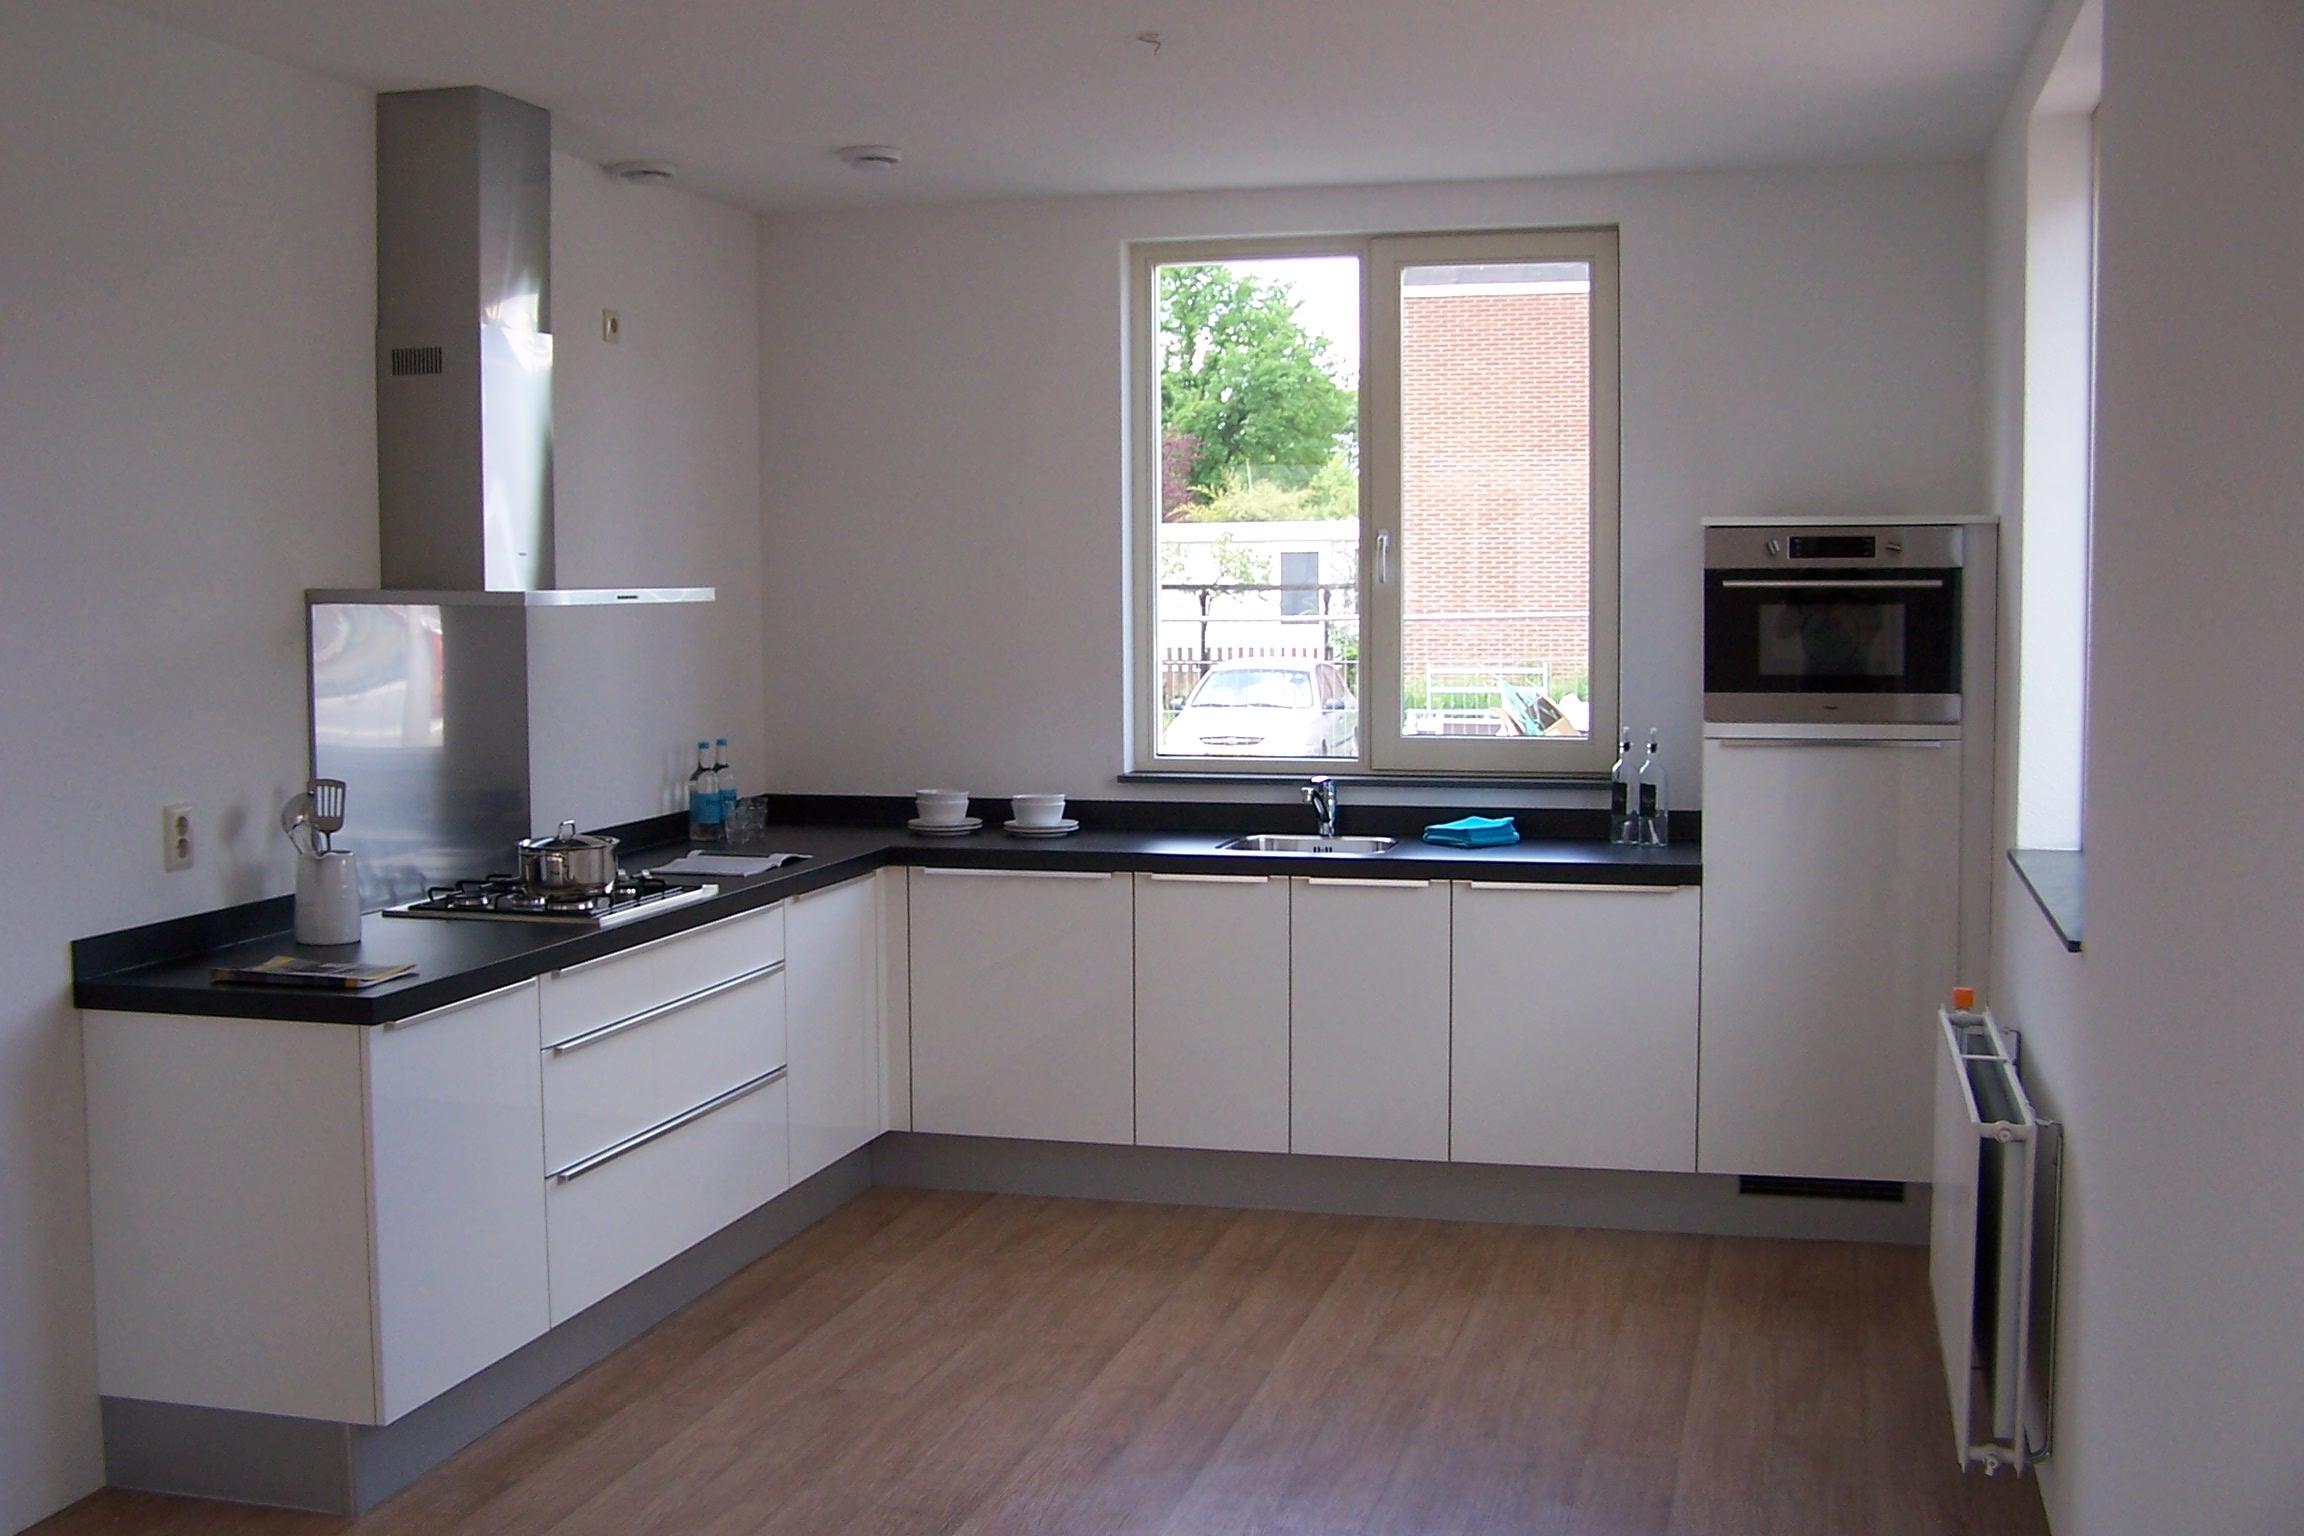 Keuken idee pimpen gehoor geven aan uw huis - Tegelwand idee keuken ...